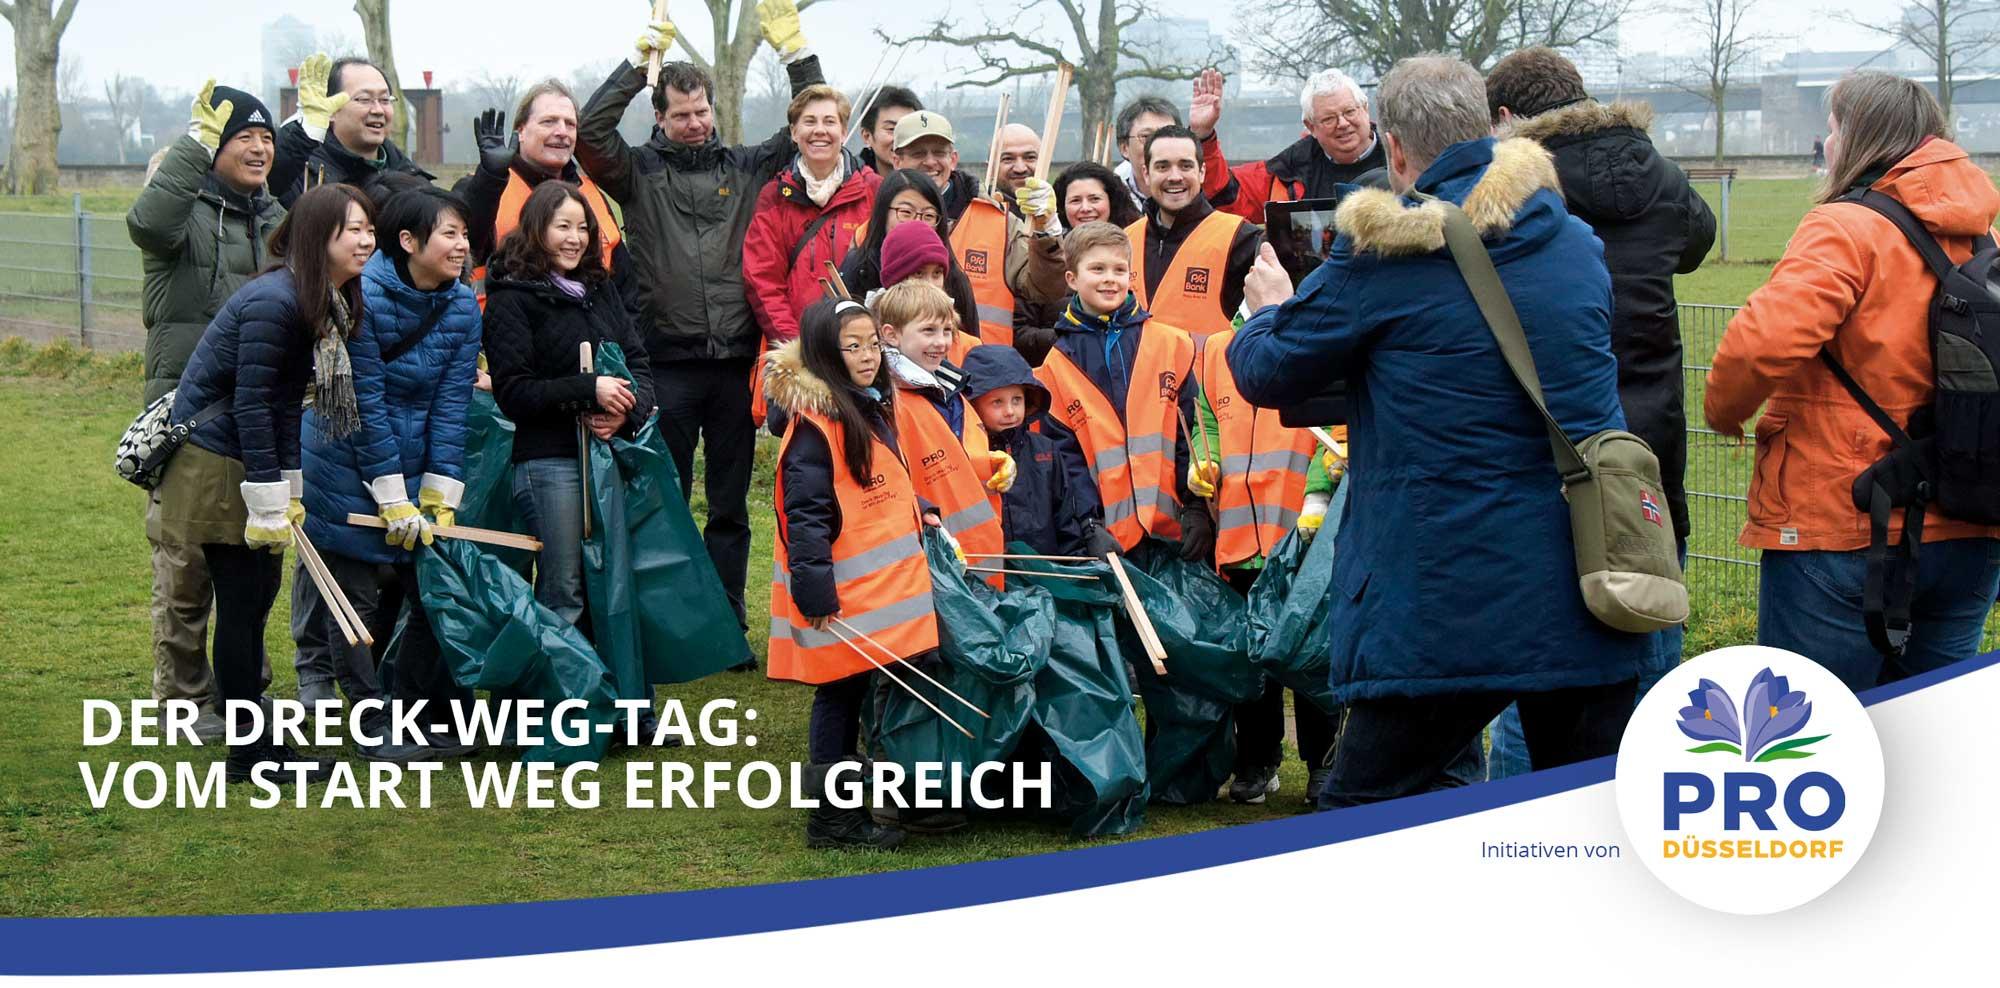 Die Aktionen von Pro Düsseldorf